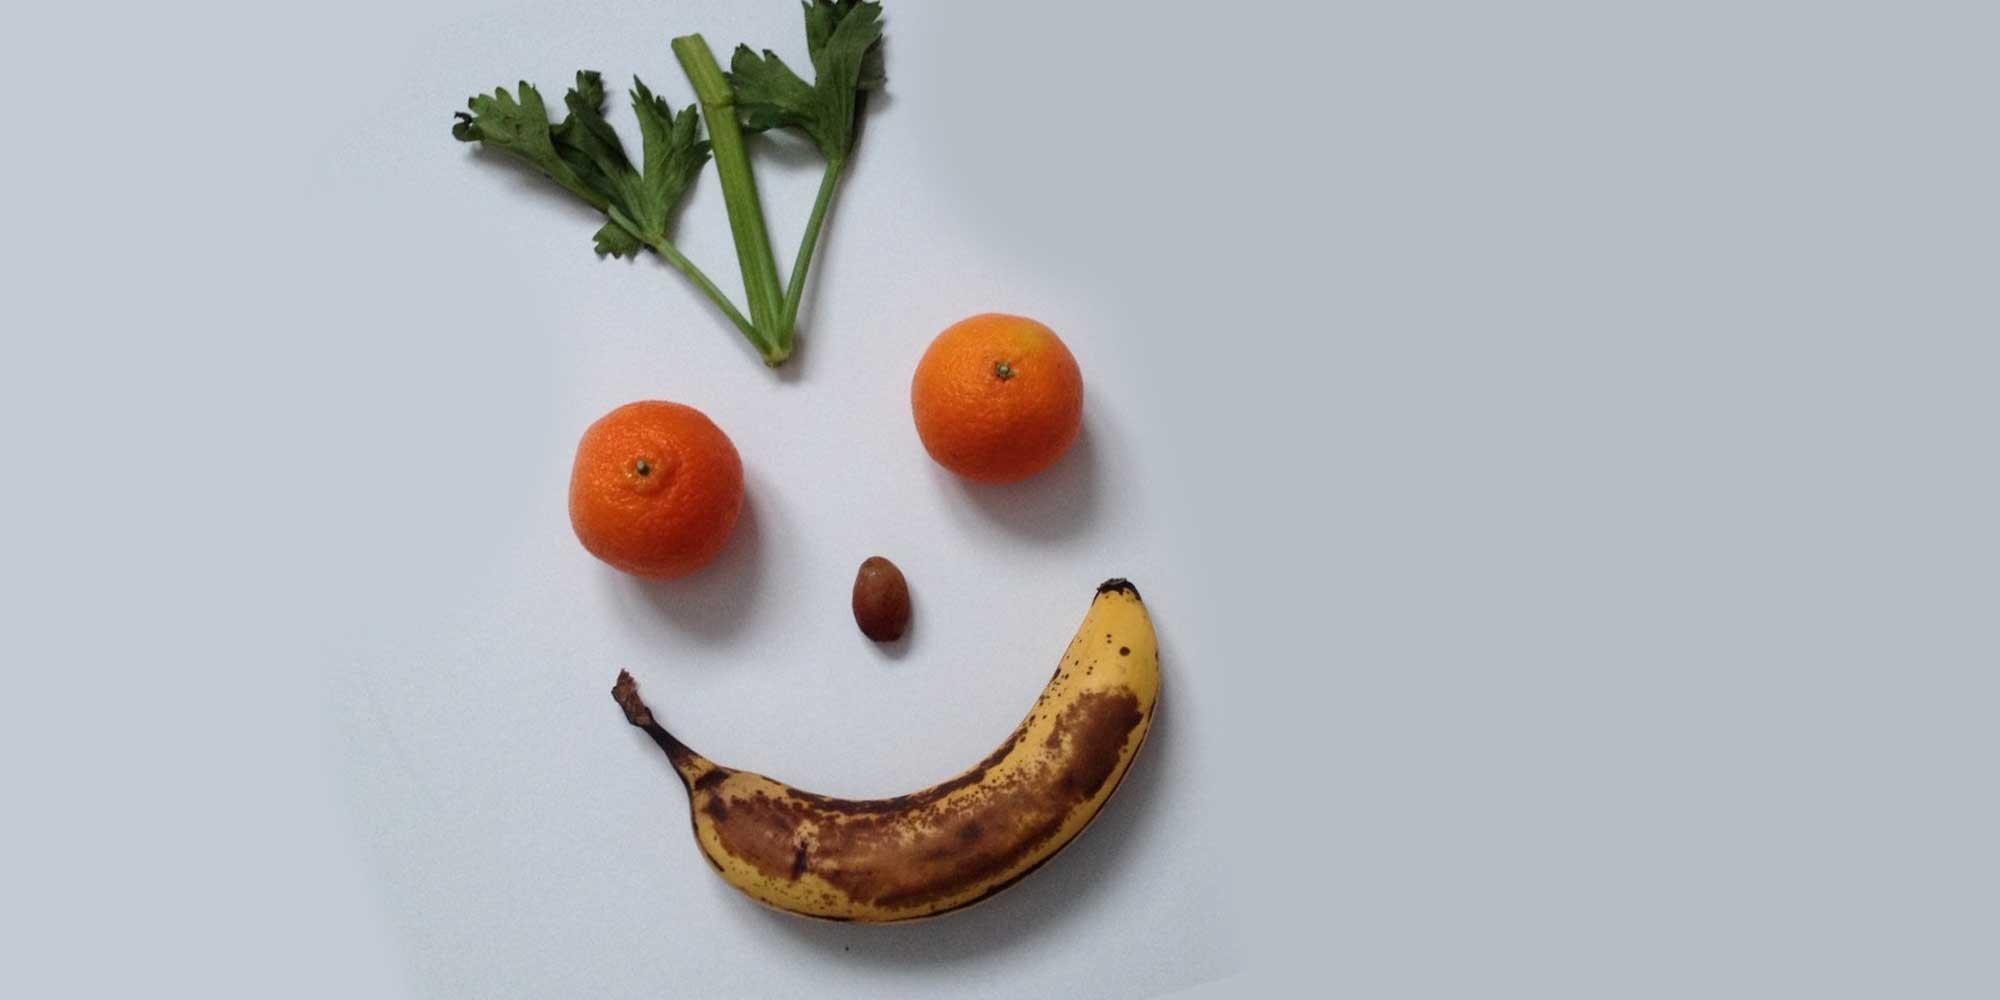 Une banane qui noircit est une banane qui sera ravie de se retrouver dans une galette!